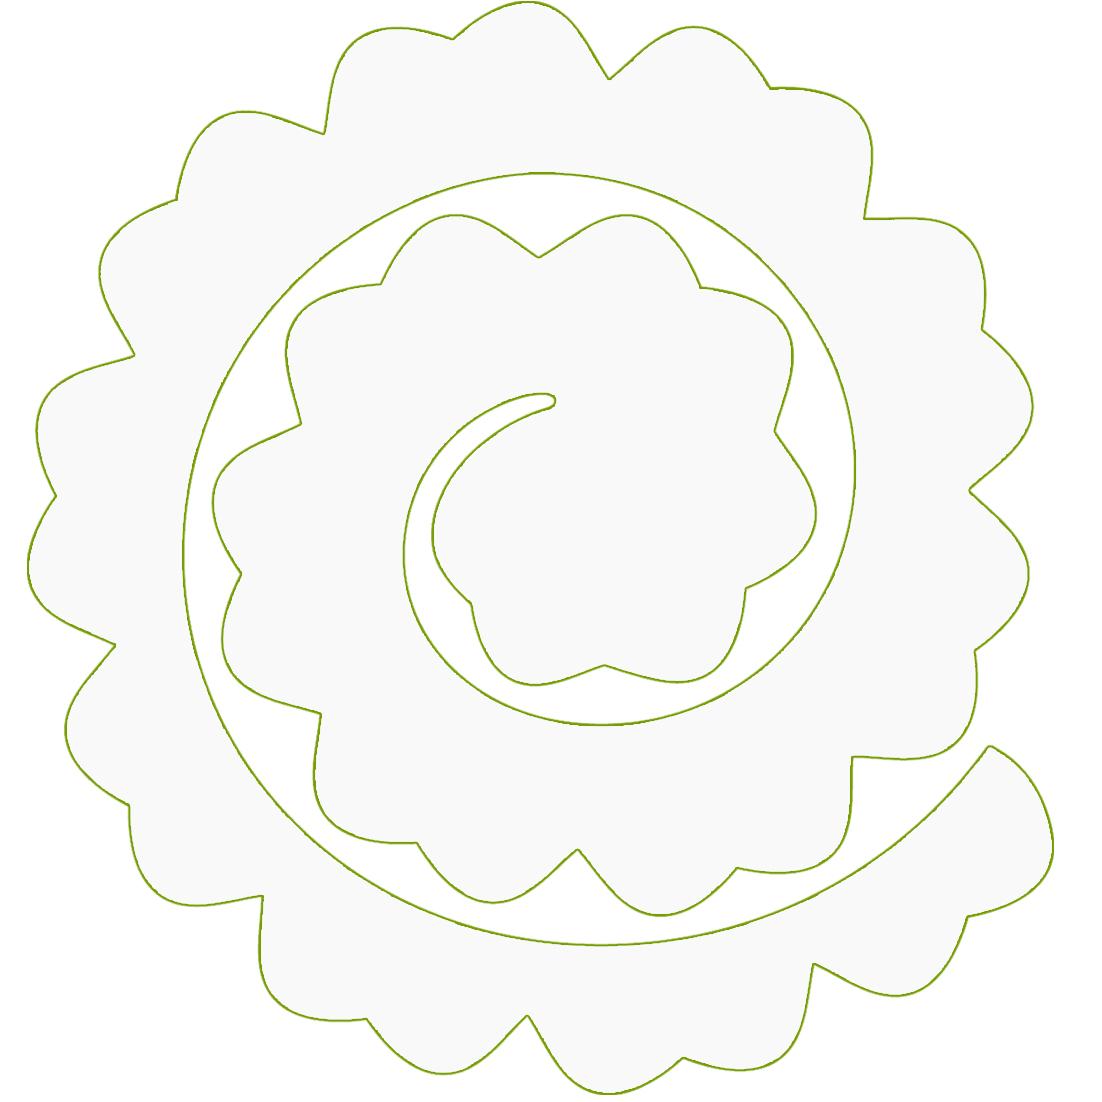 Силиконовый спонж для макияжа тонального крема - форма круглый